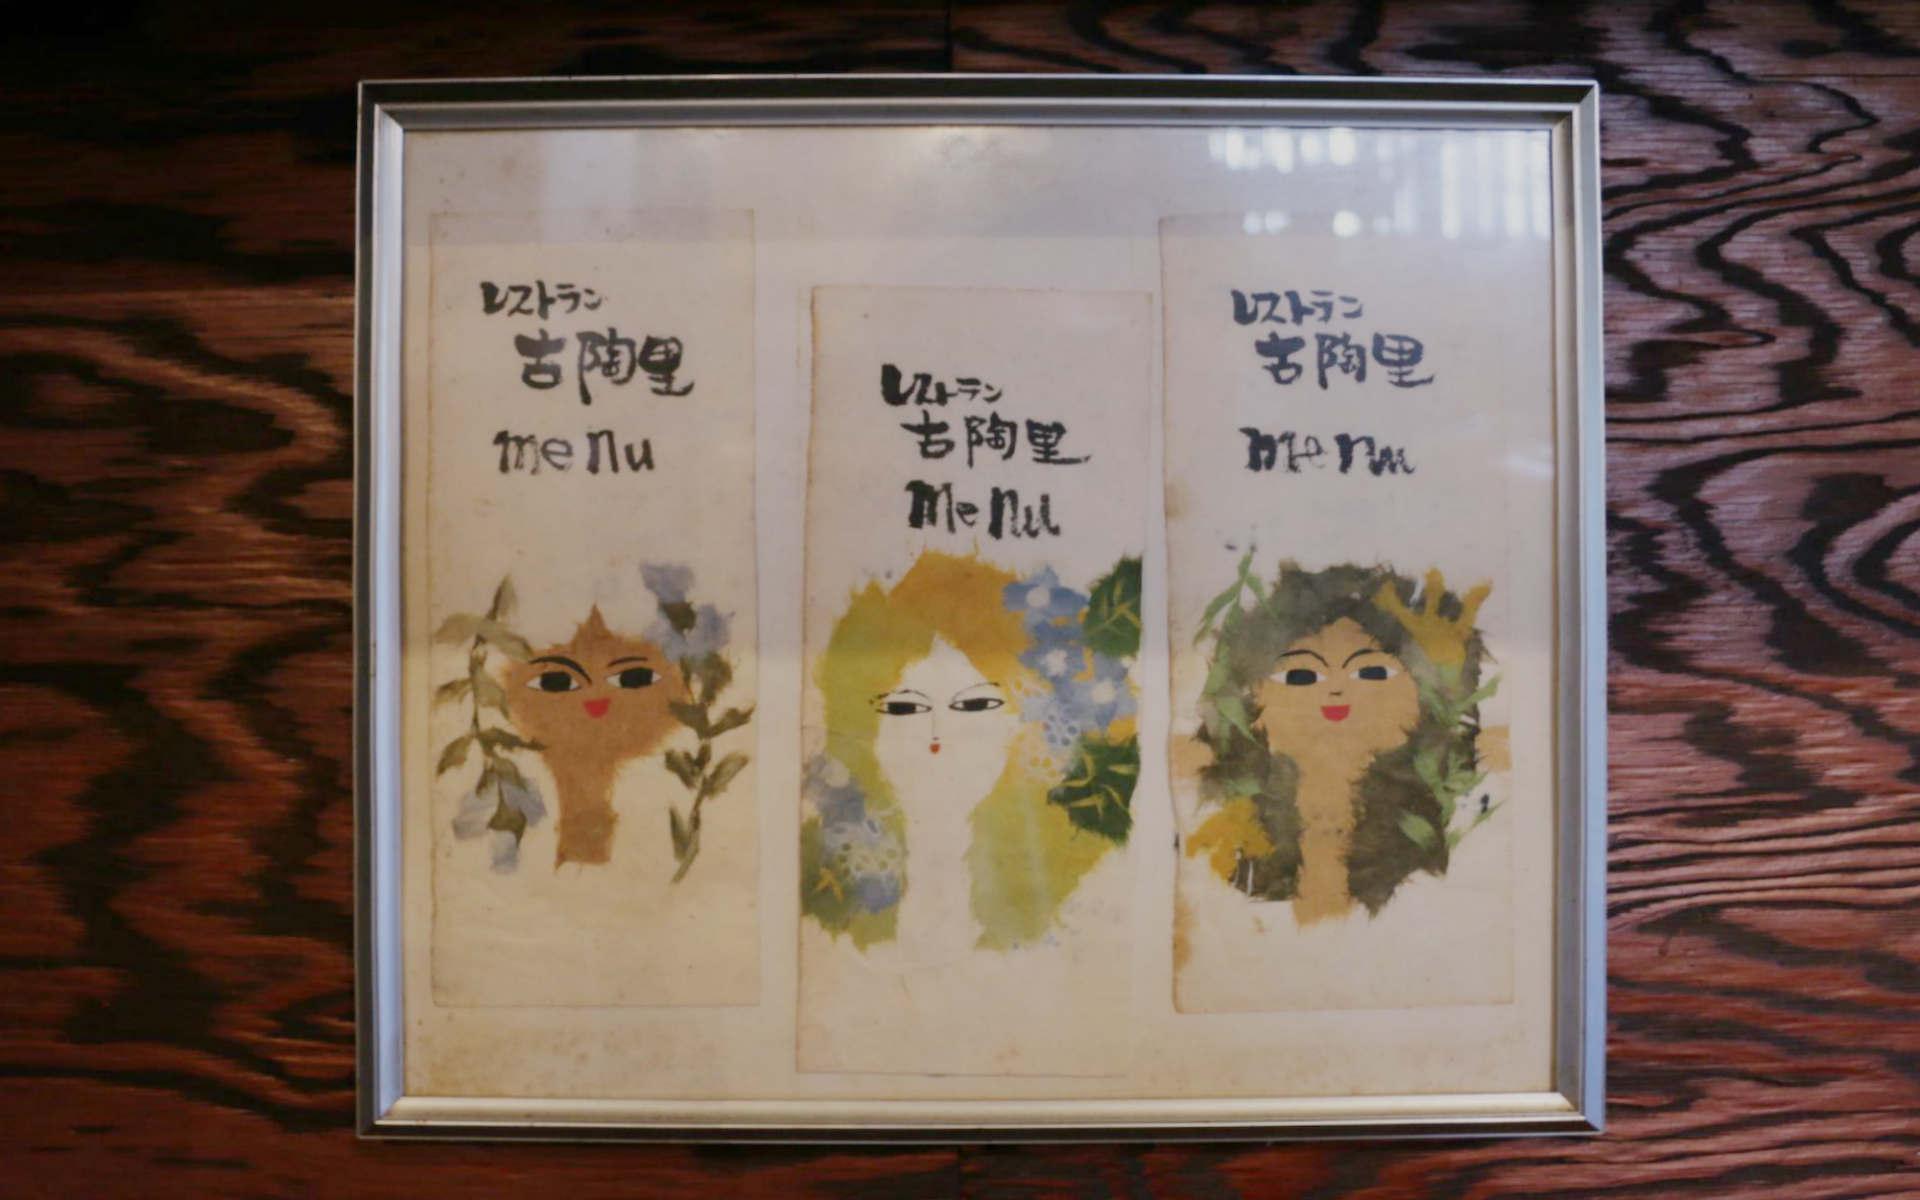 お店に飾られていた原画。お店を始めた当初の看板娘だった奥さん、妹さん、ご友人の3人がモデルだそうです